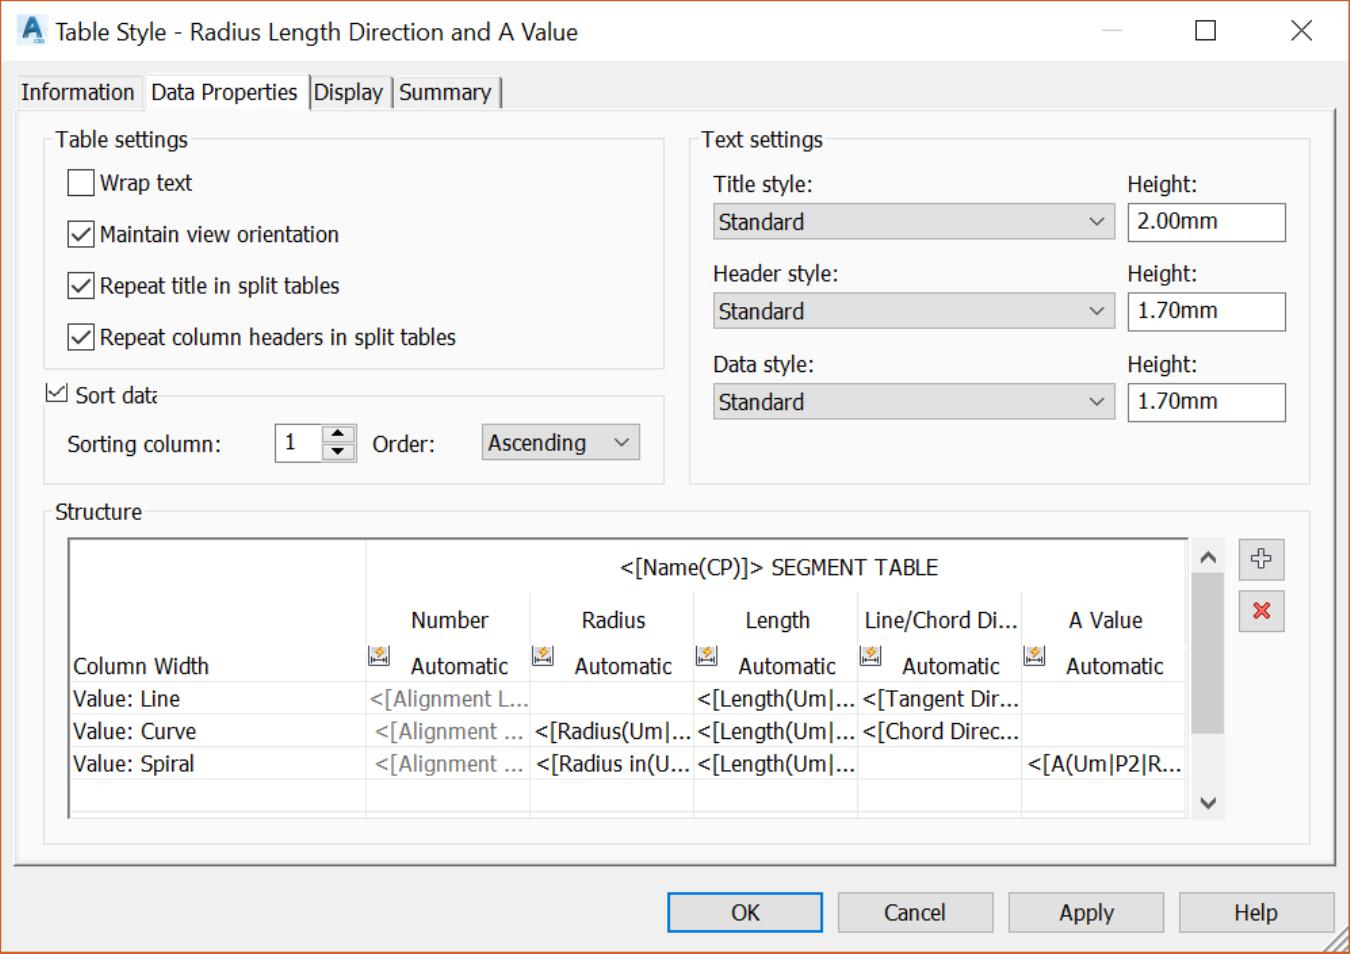 C:\Users\Infratech.Civil\AppData\Local\Microsoft\Windows\INetCache\Content.MSO\66E2E997.tmp